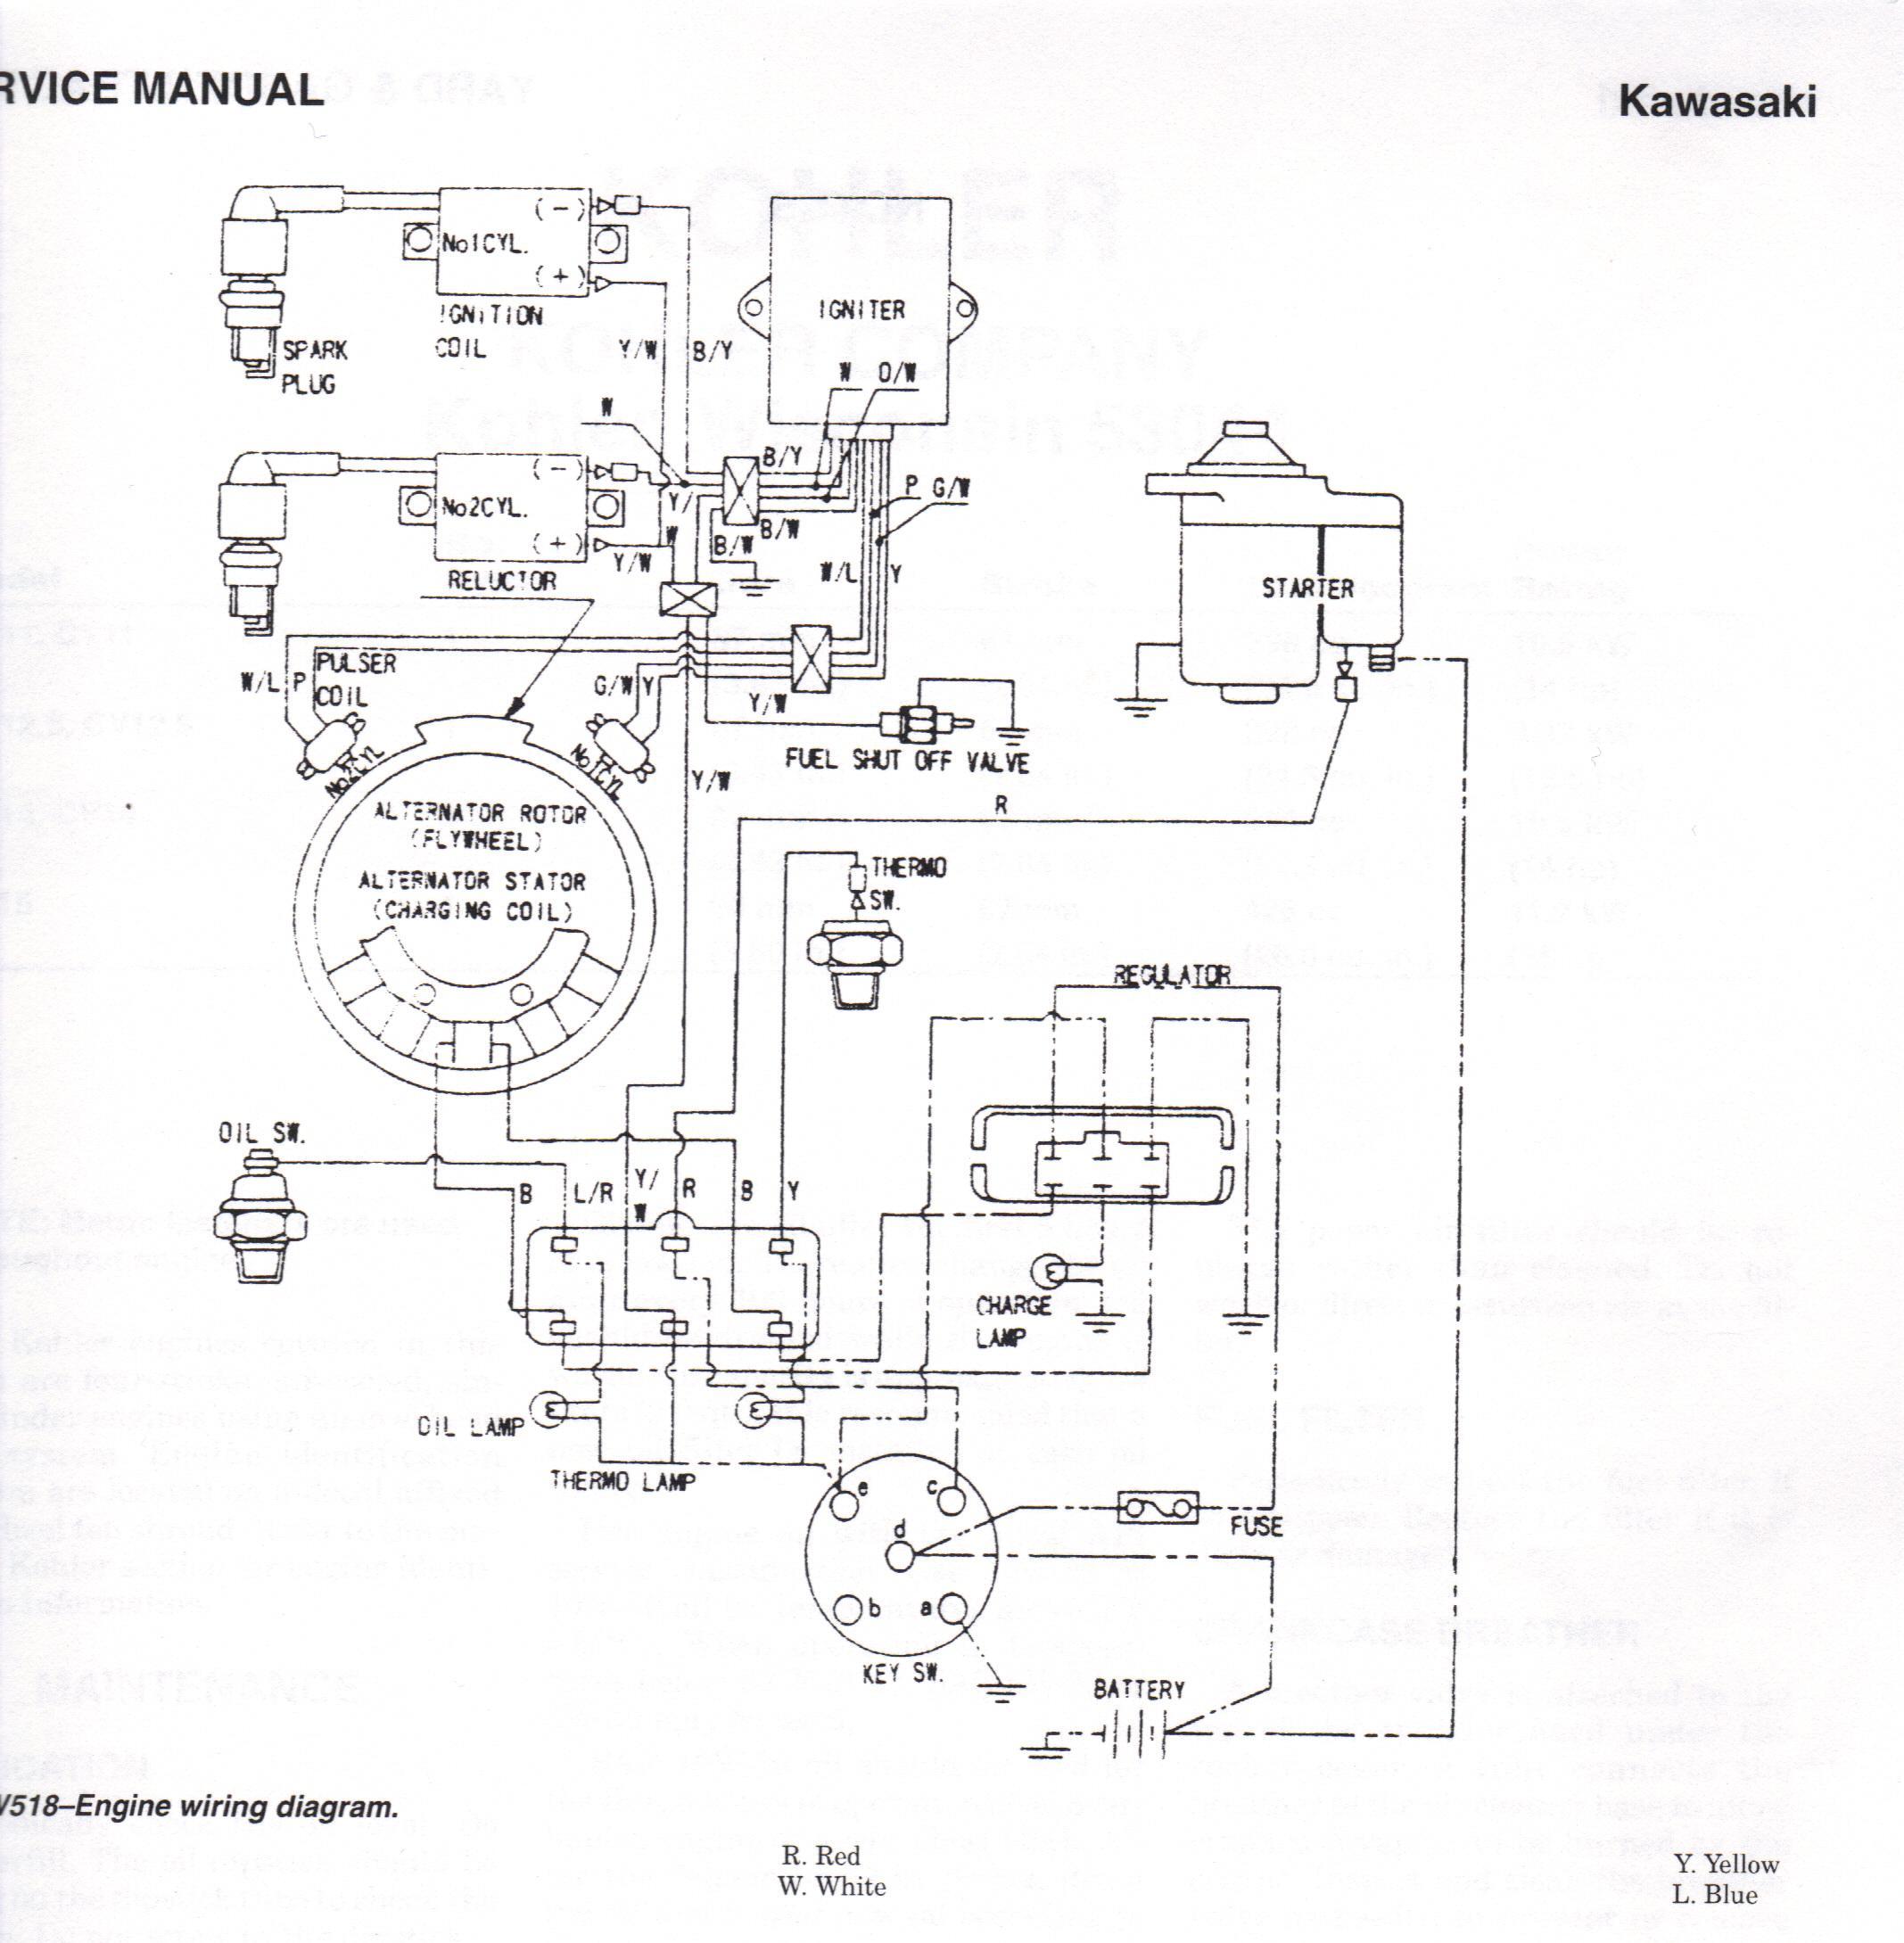 I have a 1993 Kawasaki mule with the FD620 Kawasaki V twin  I just